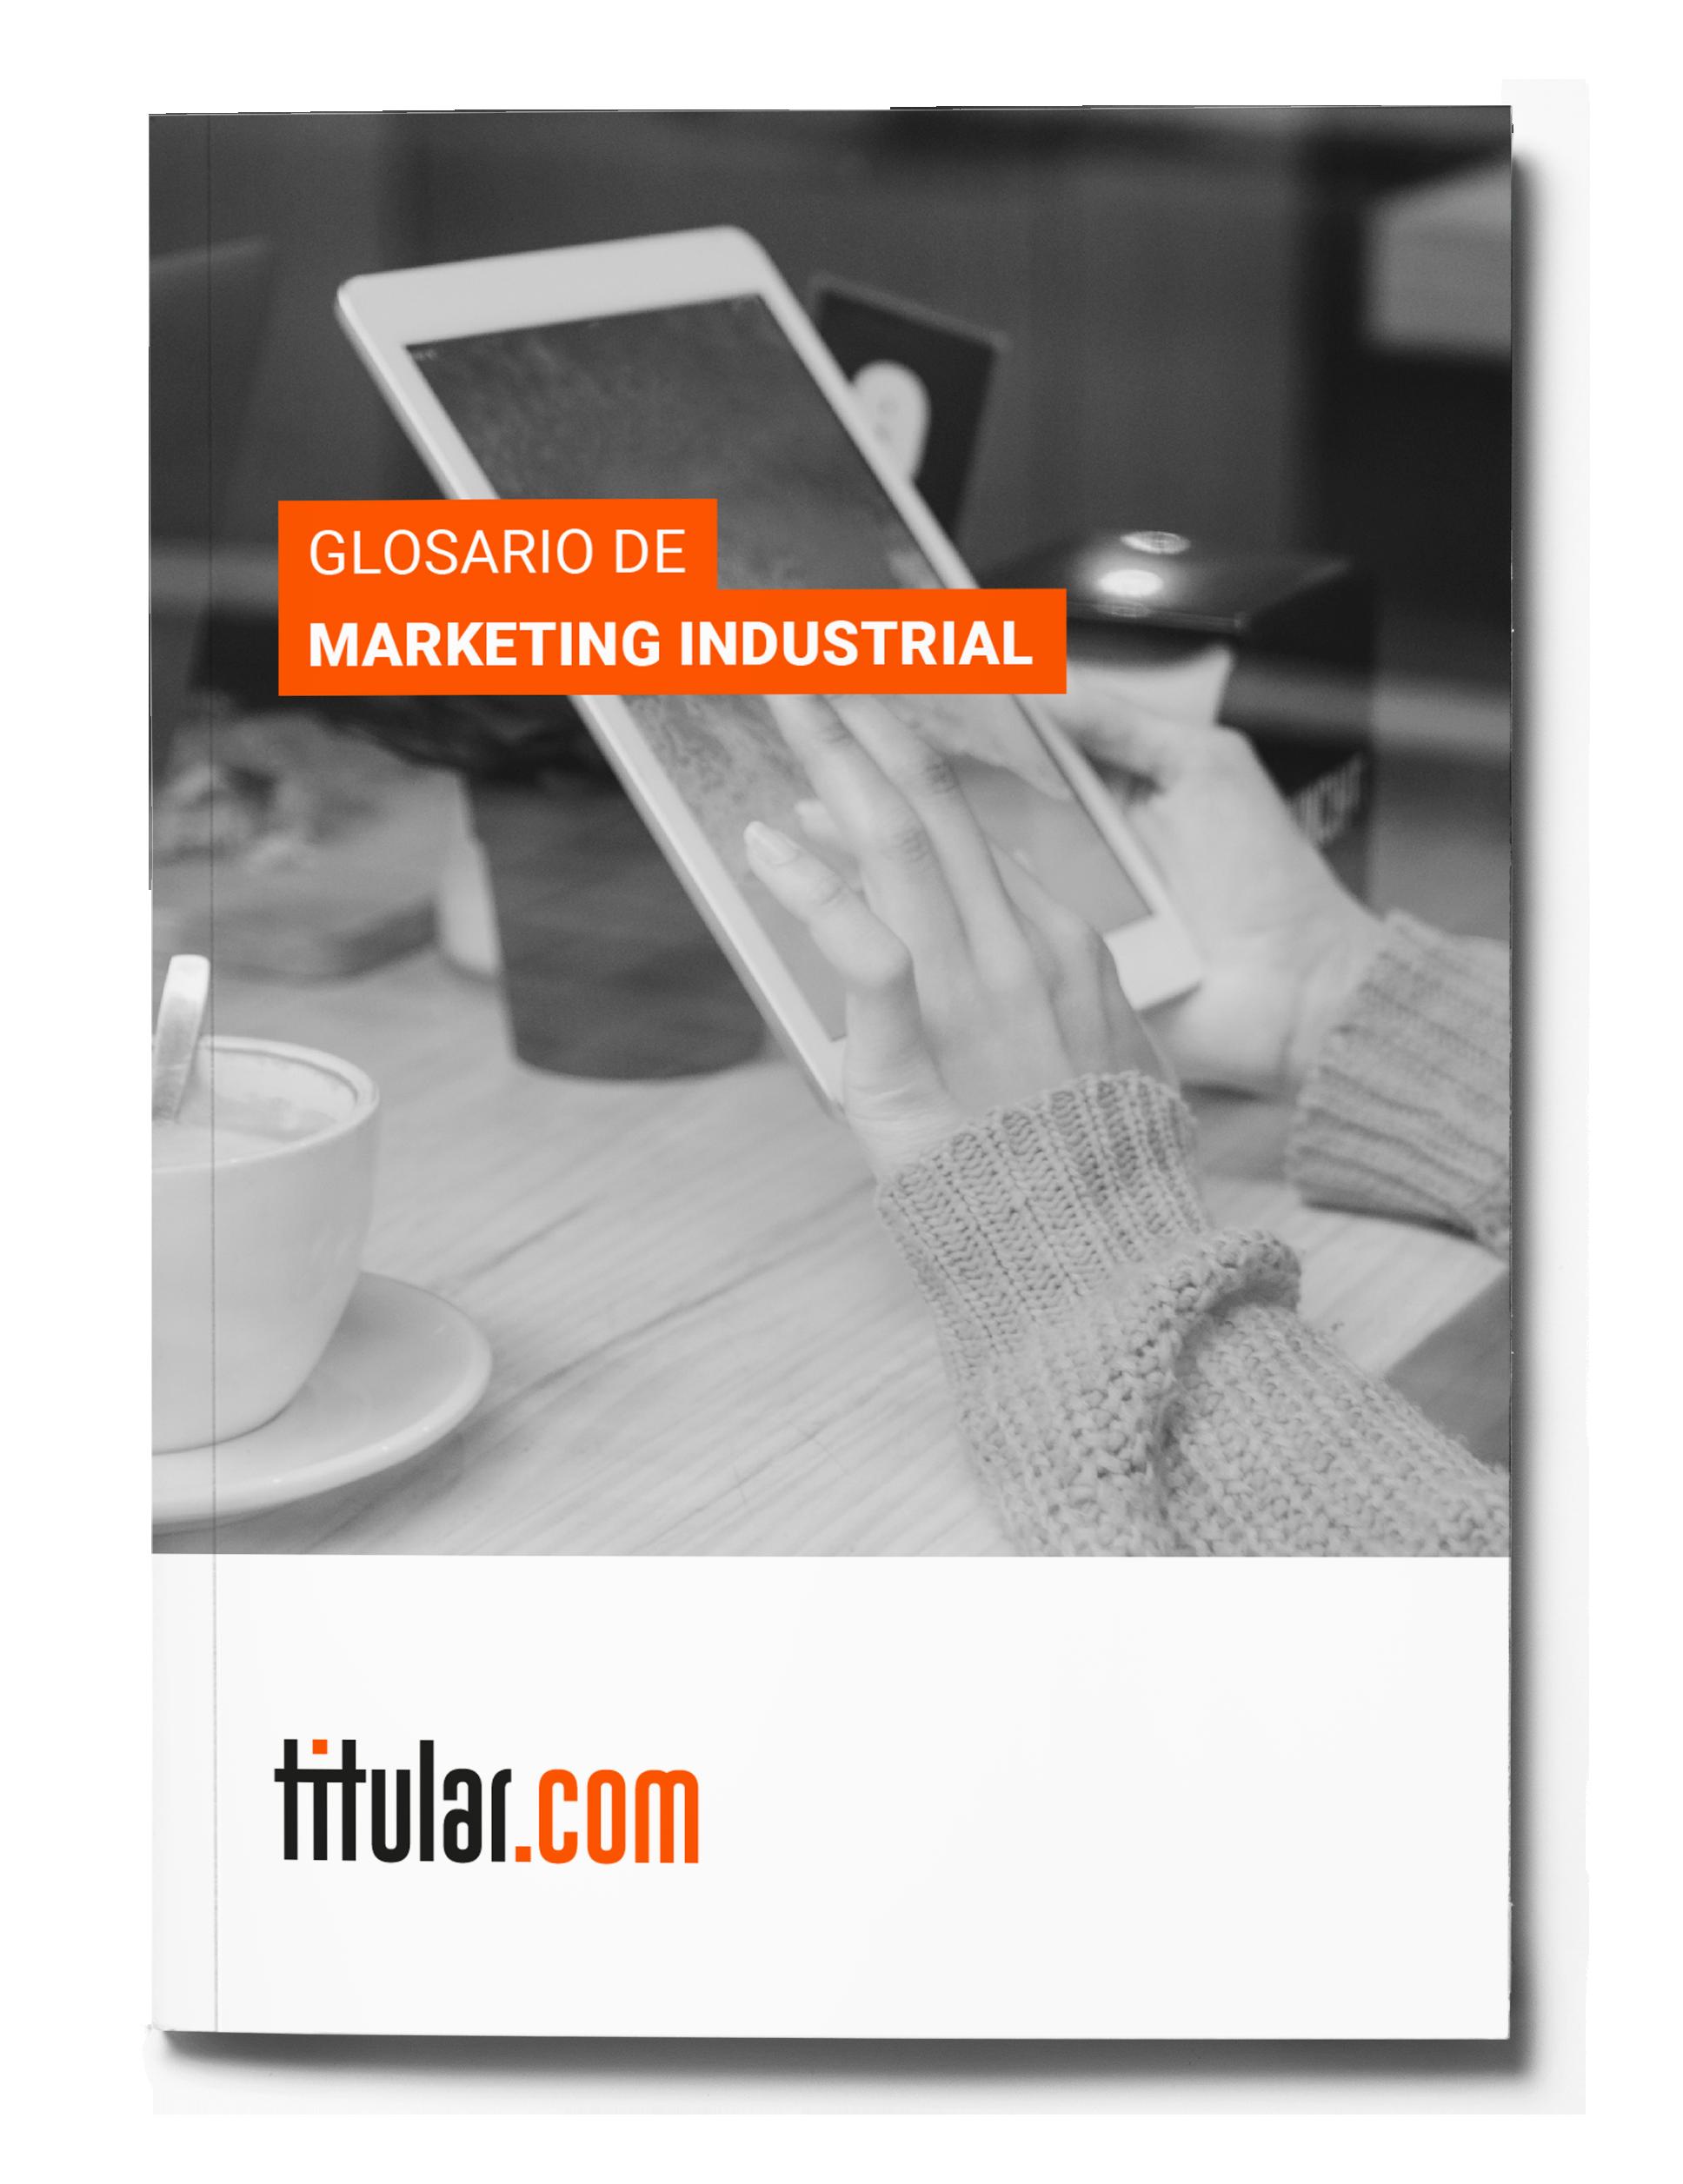 Glosario de marketing industrial